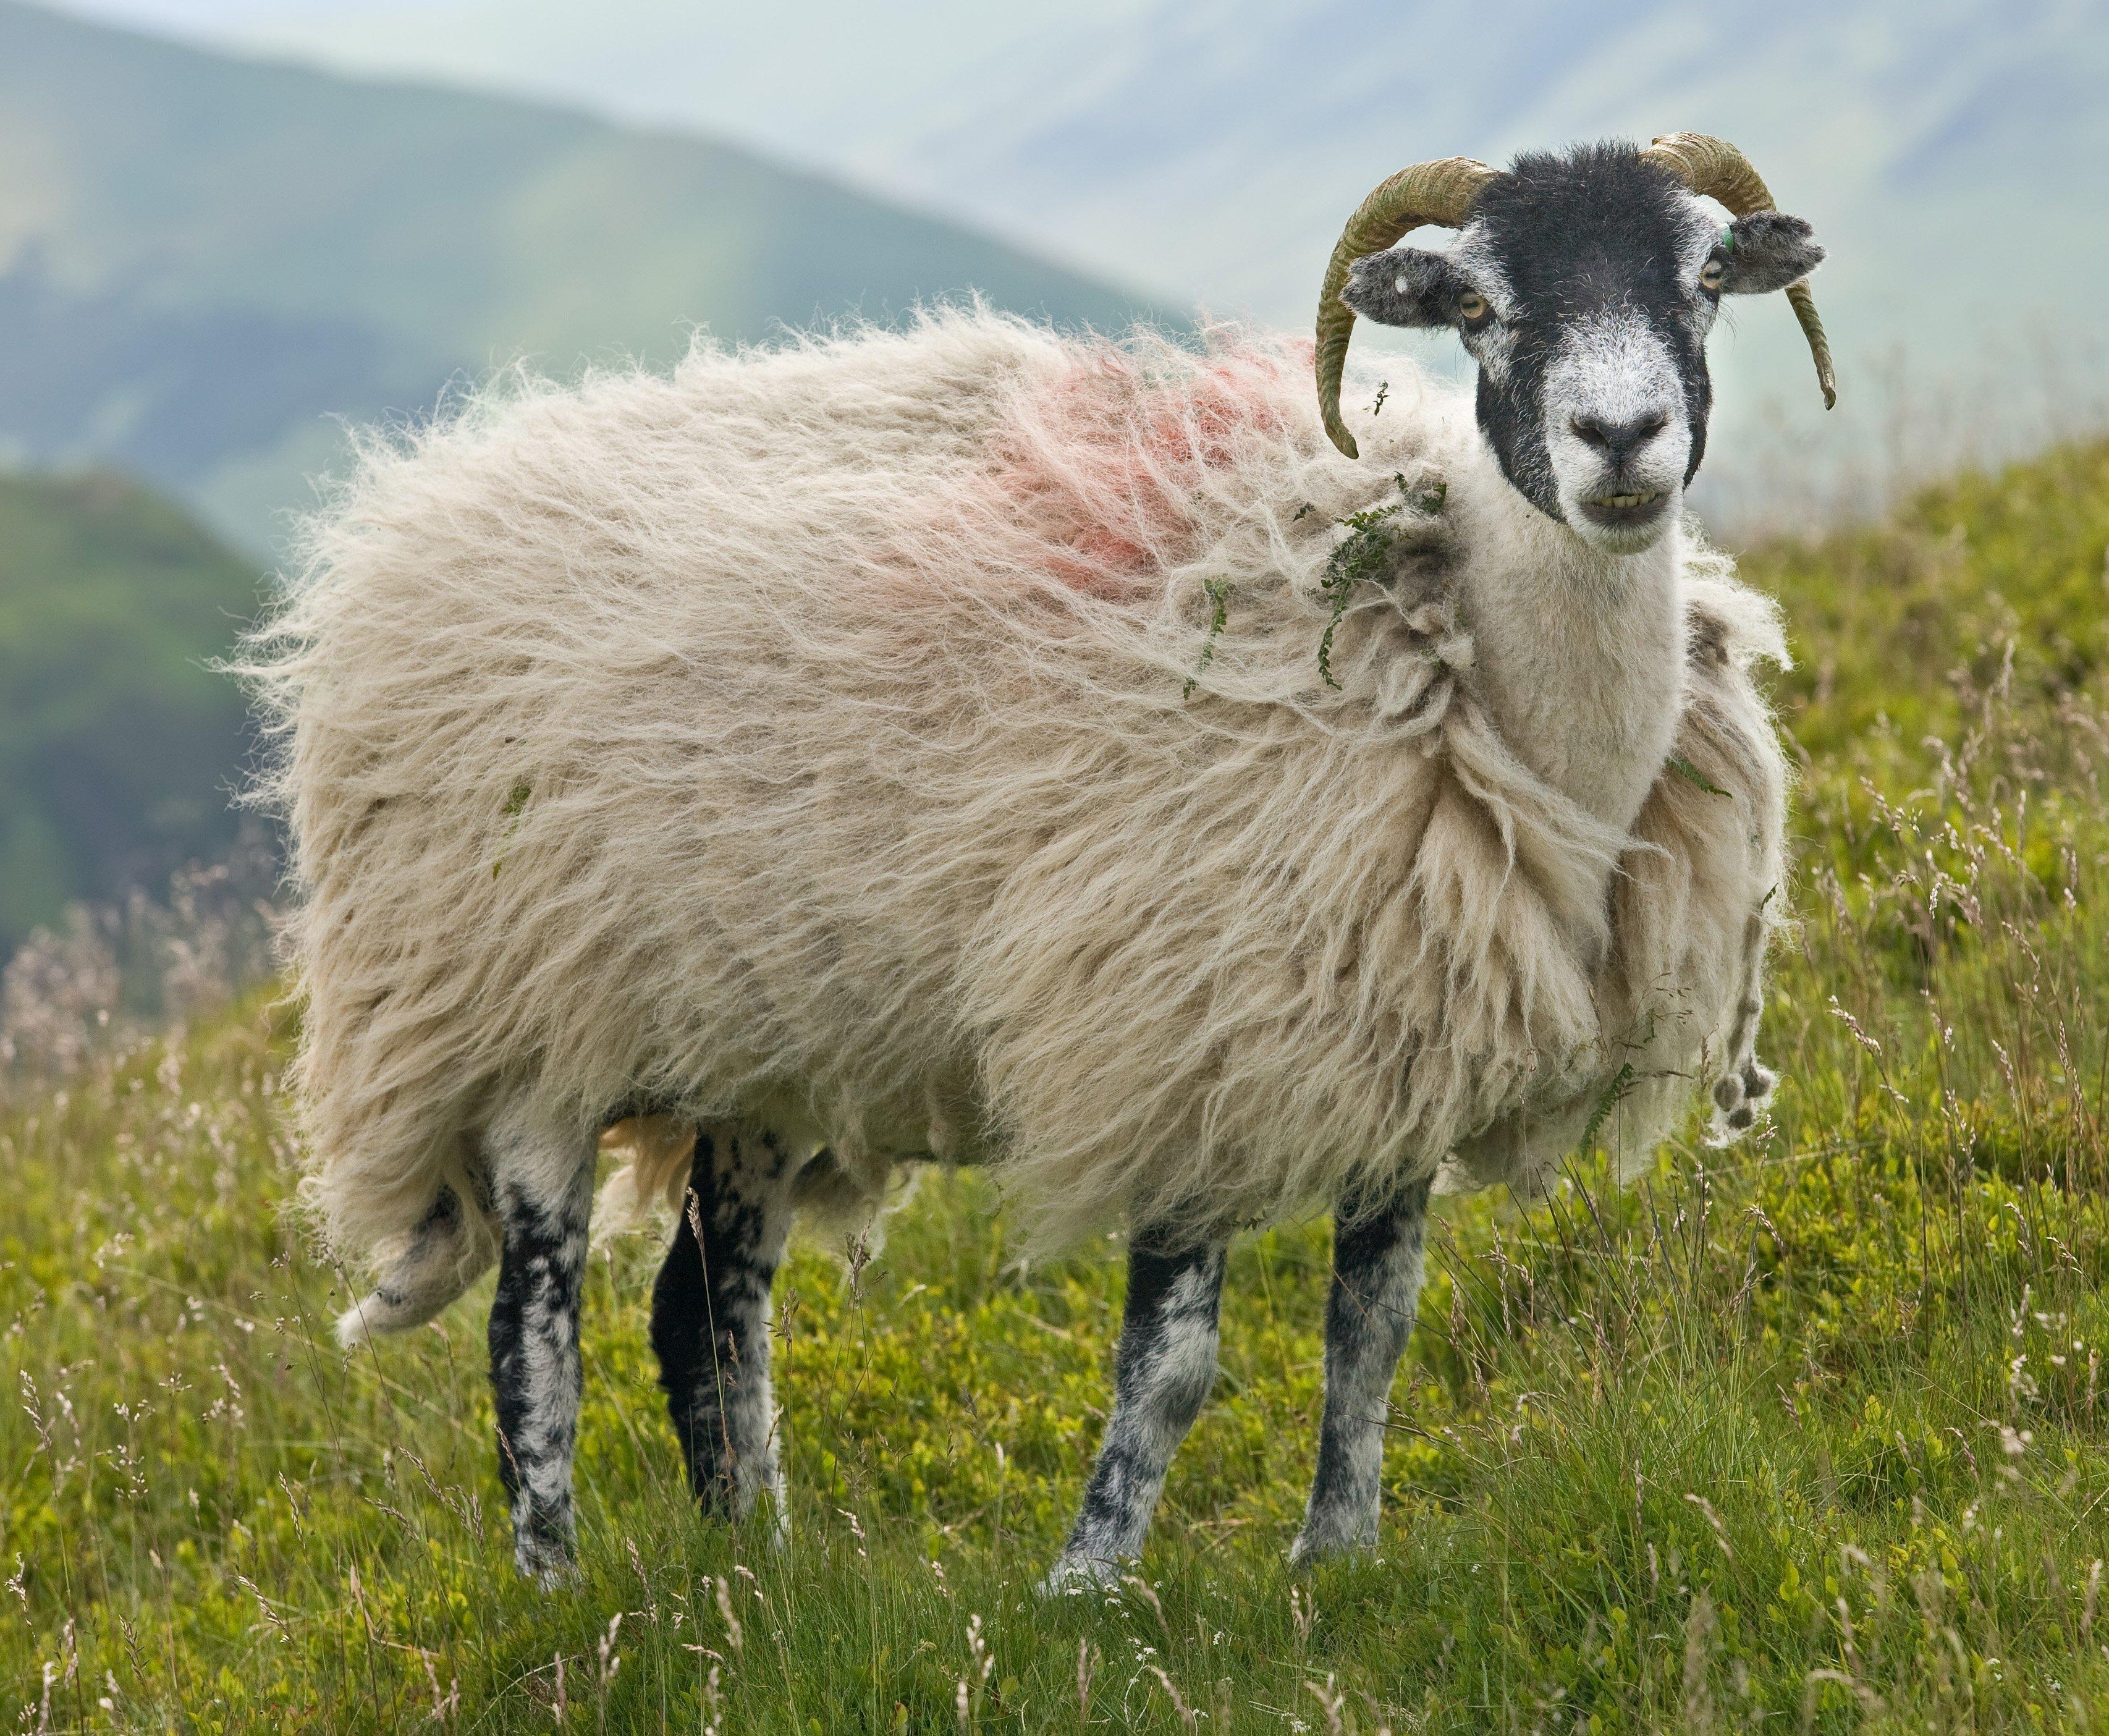 женщин папиллома фото барана и овцы элегантный изысканный образ